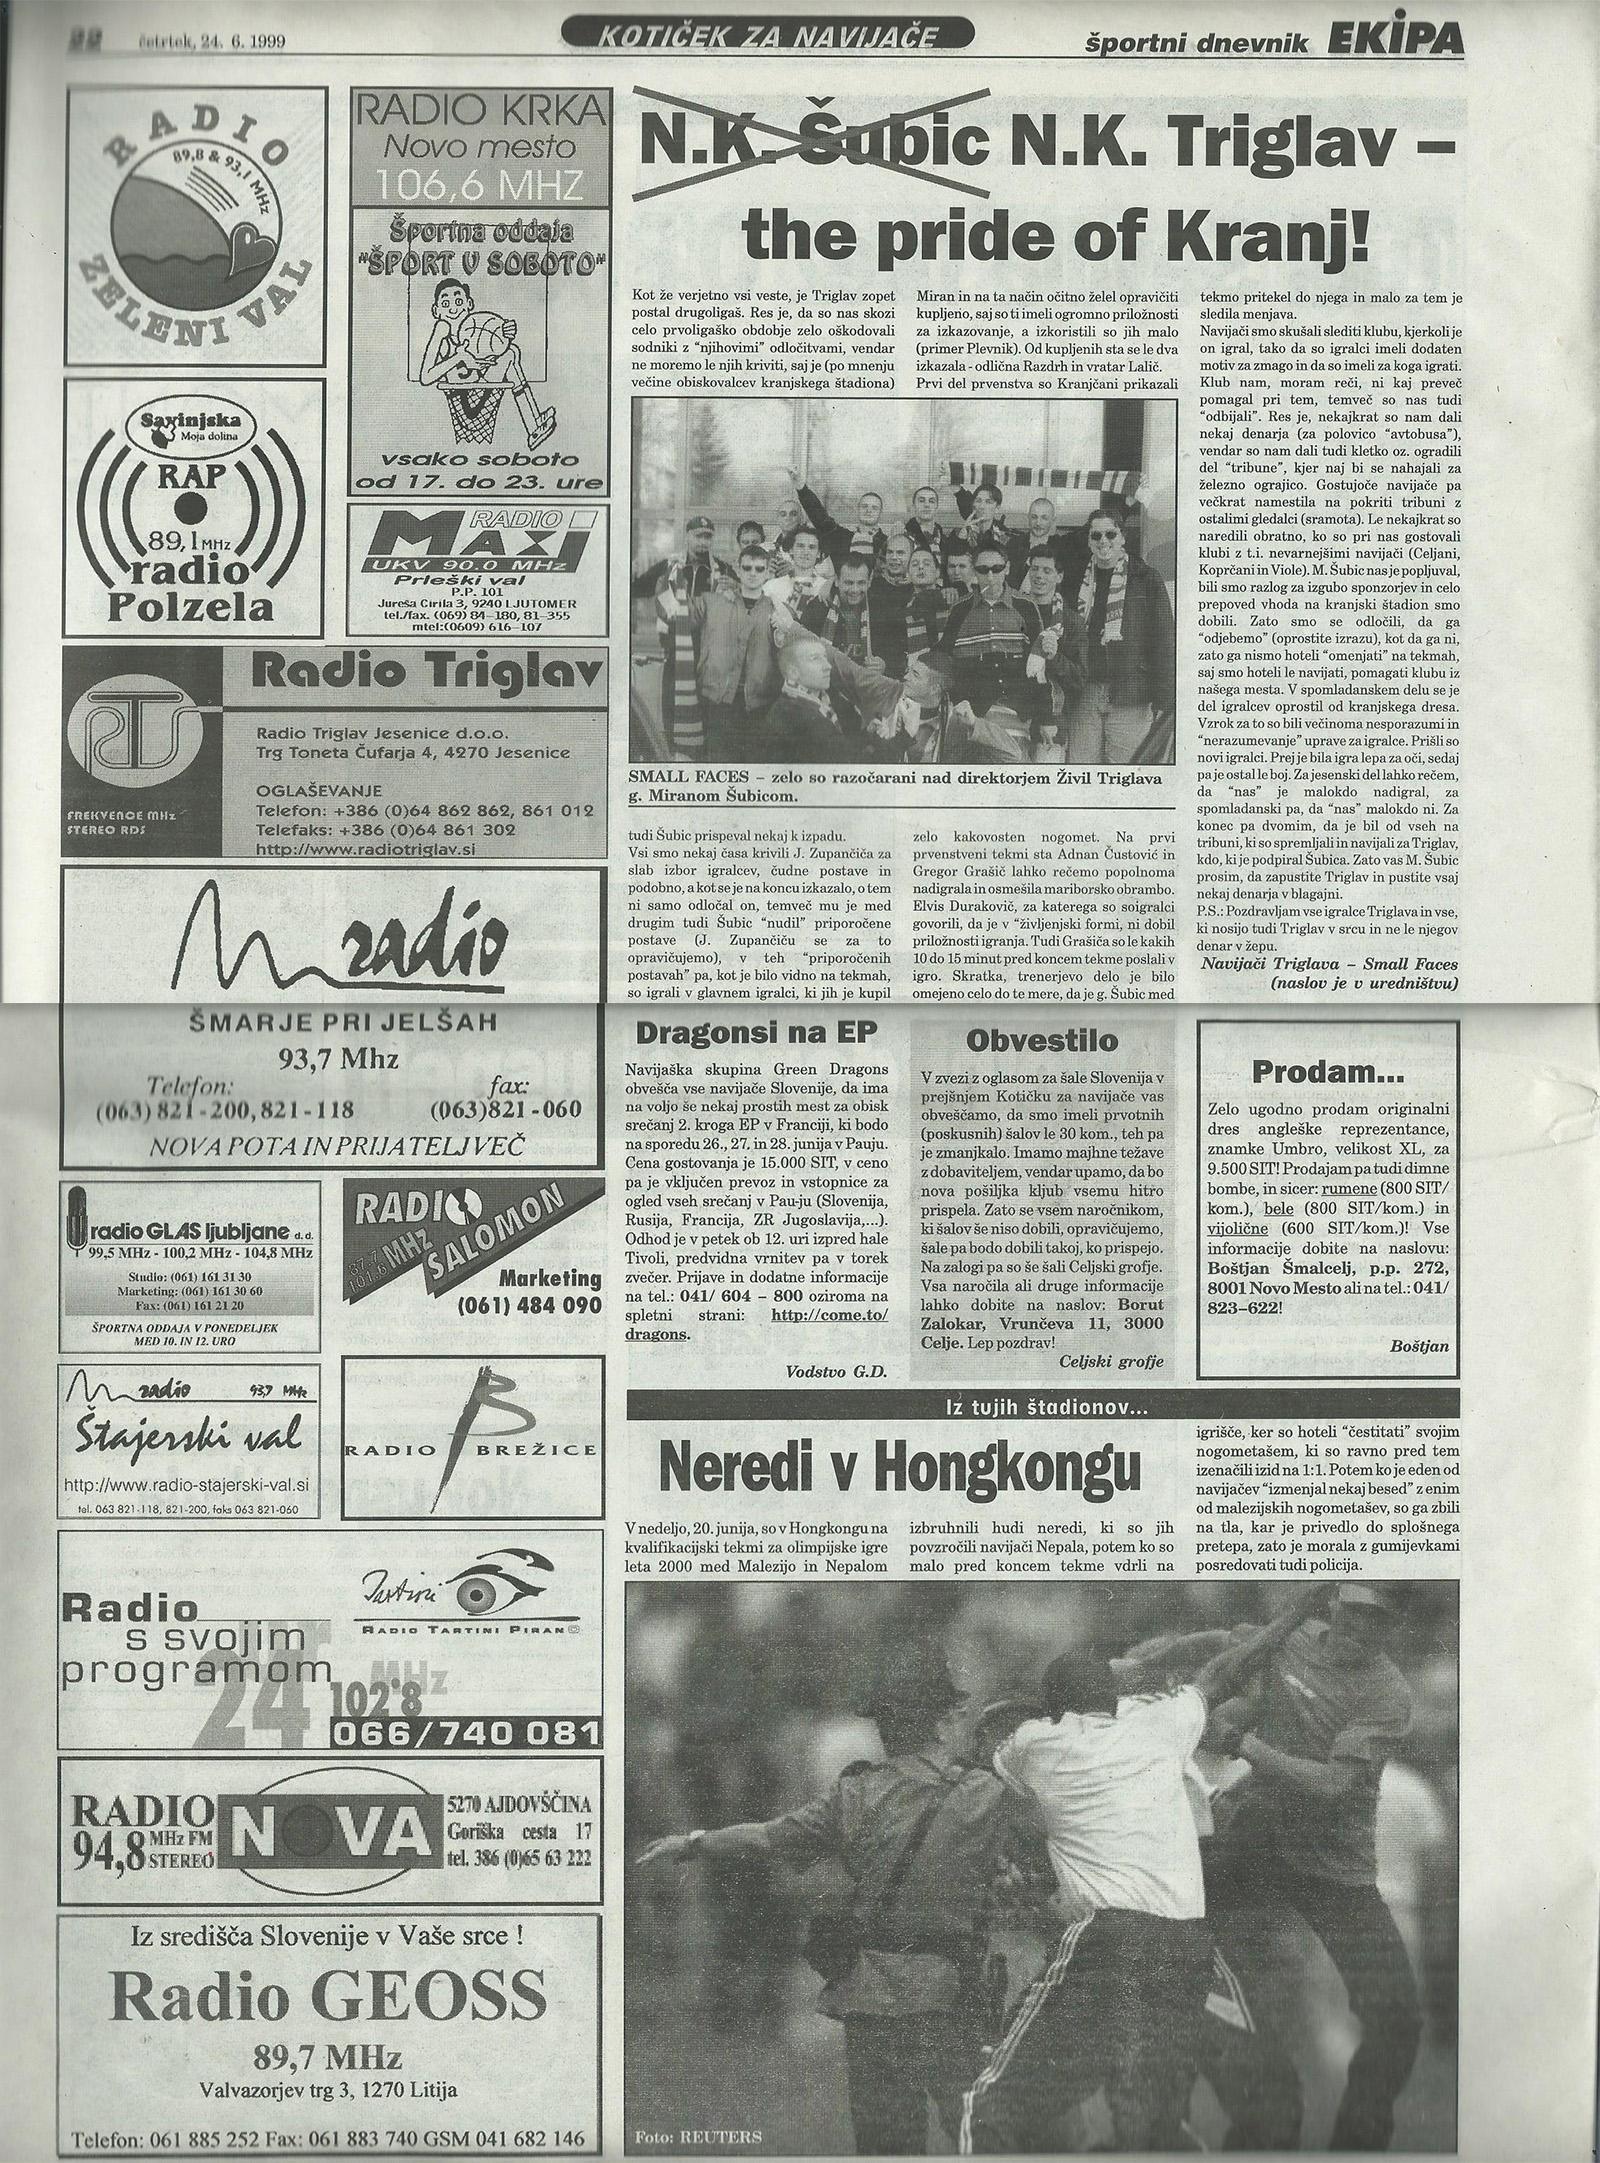 KZN_24-6-1999_1600px